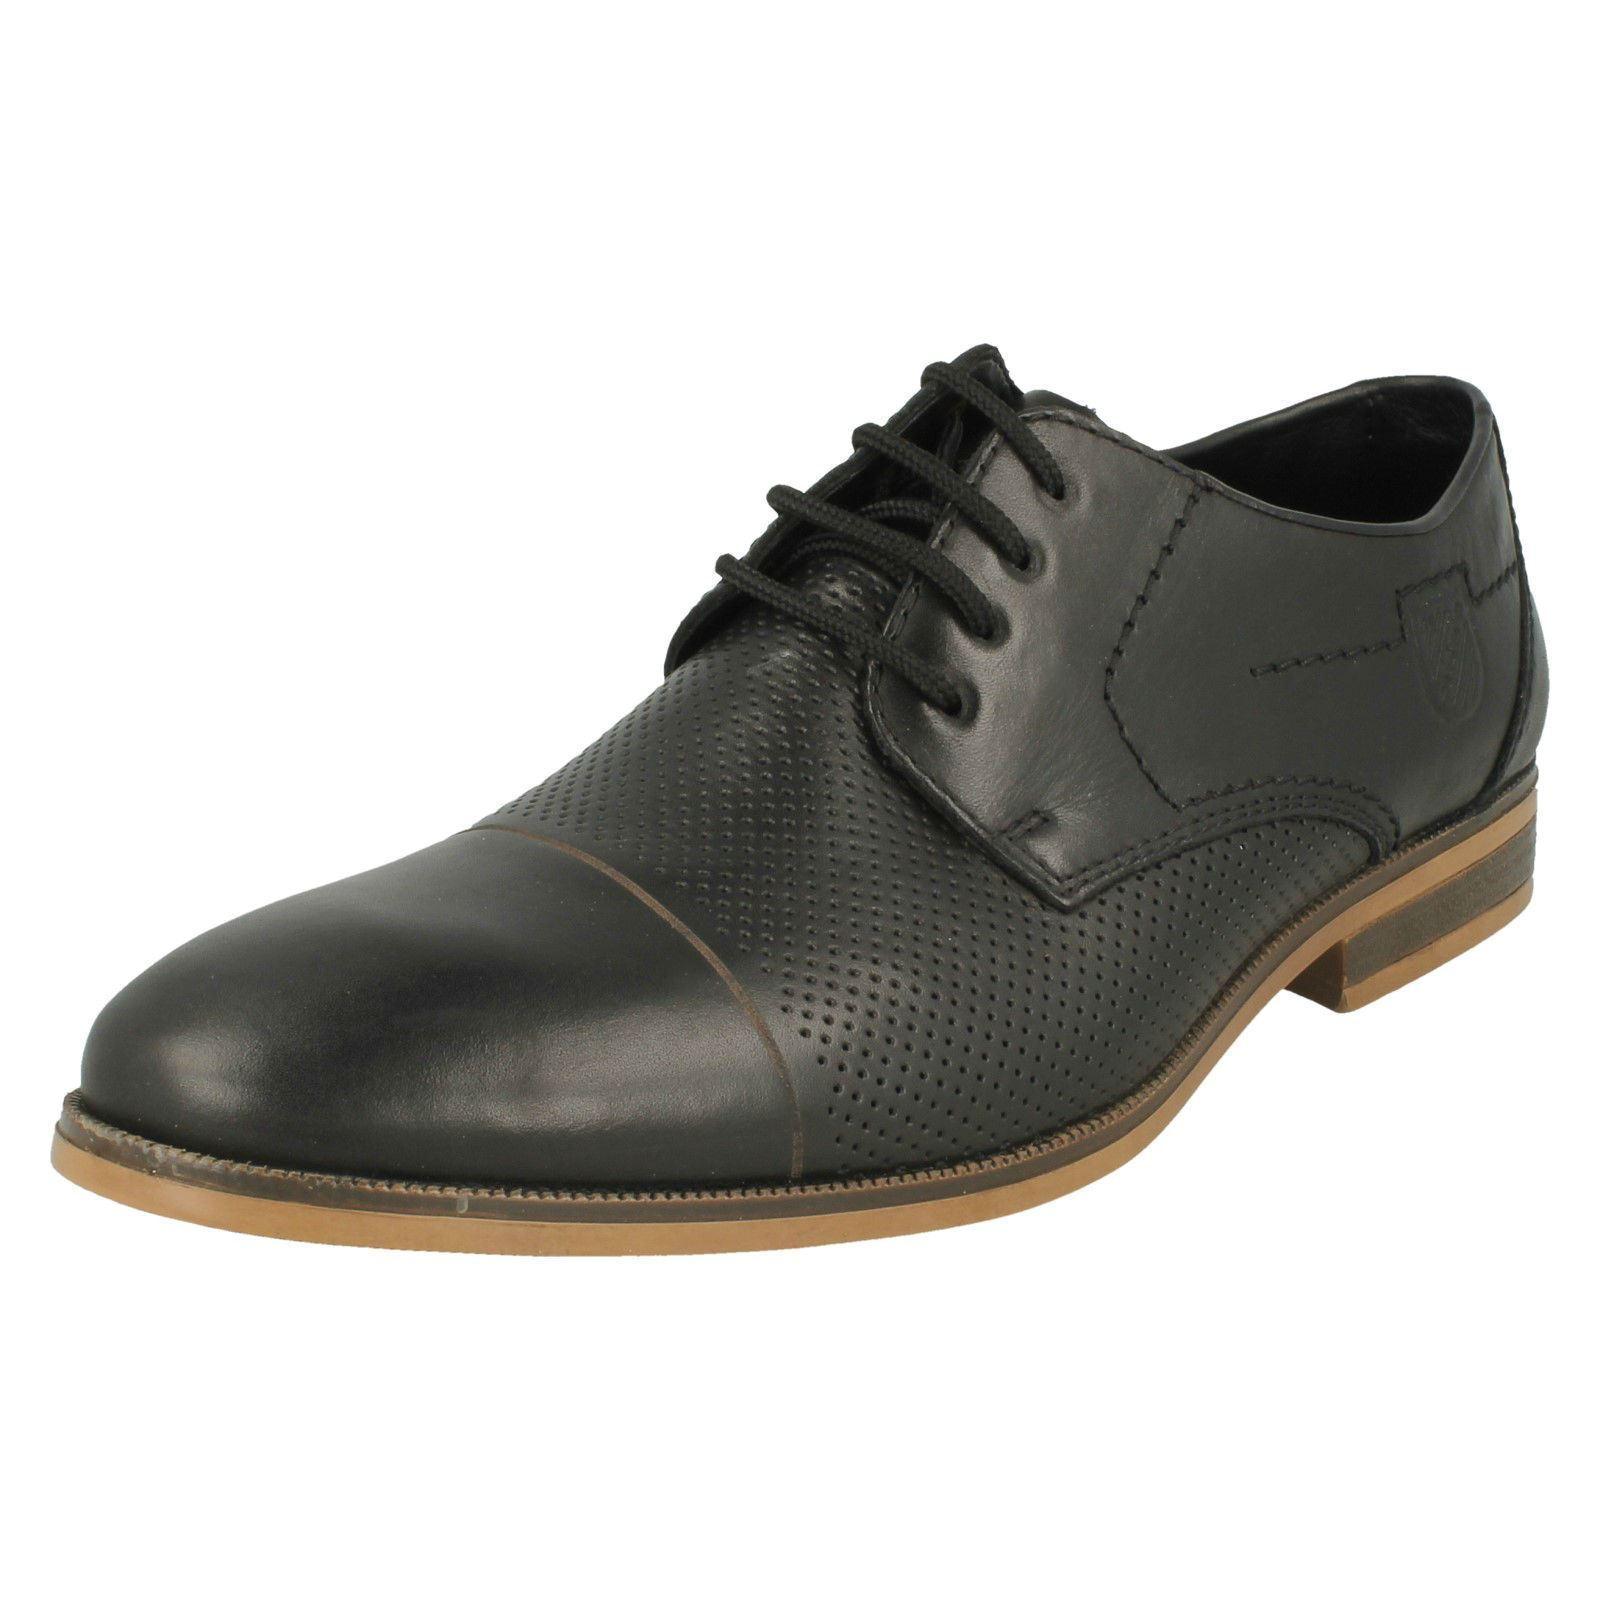 Mens Rieker 11615 Black Leather Lace Up Shoes